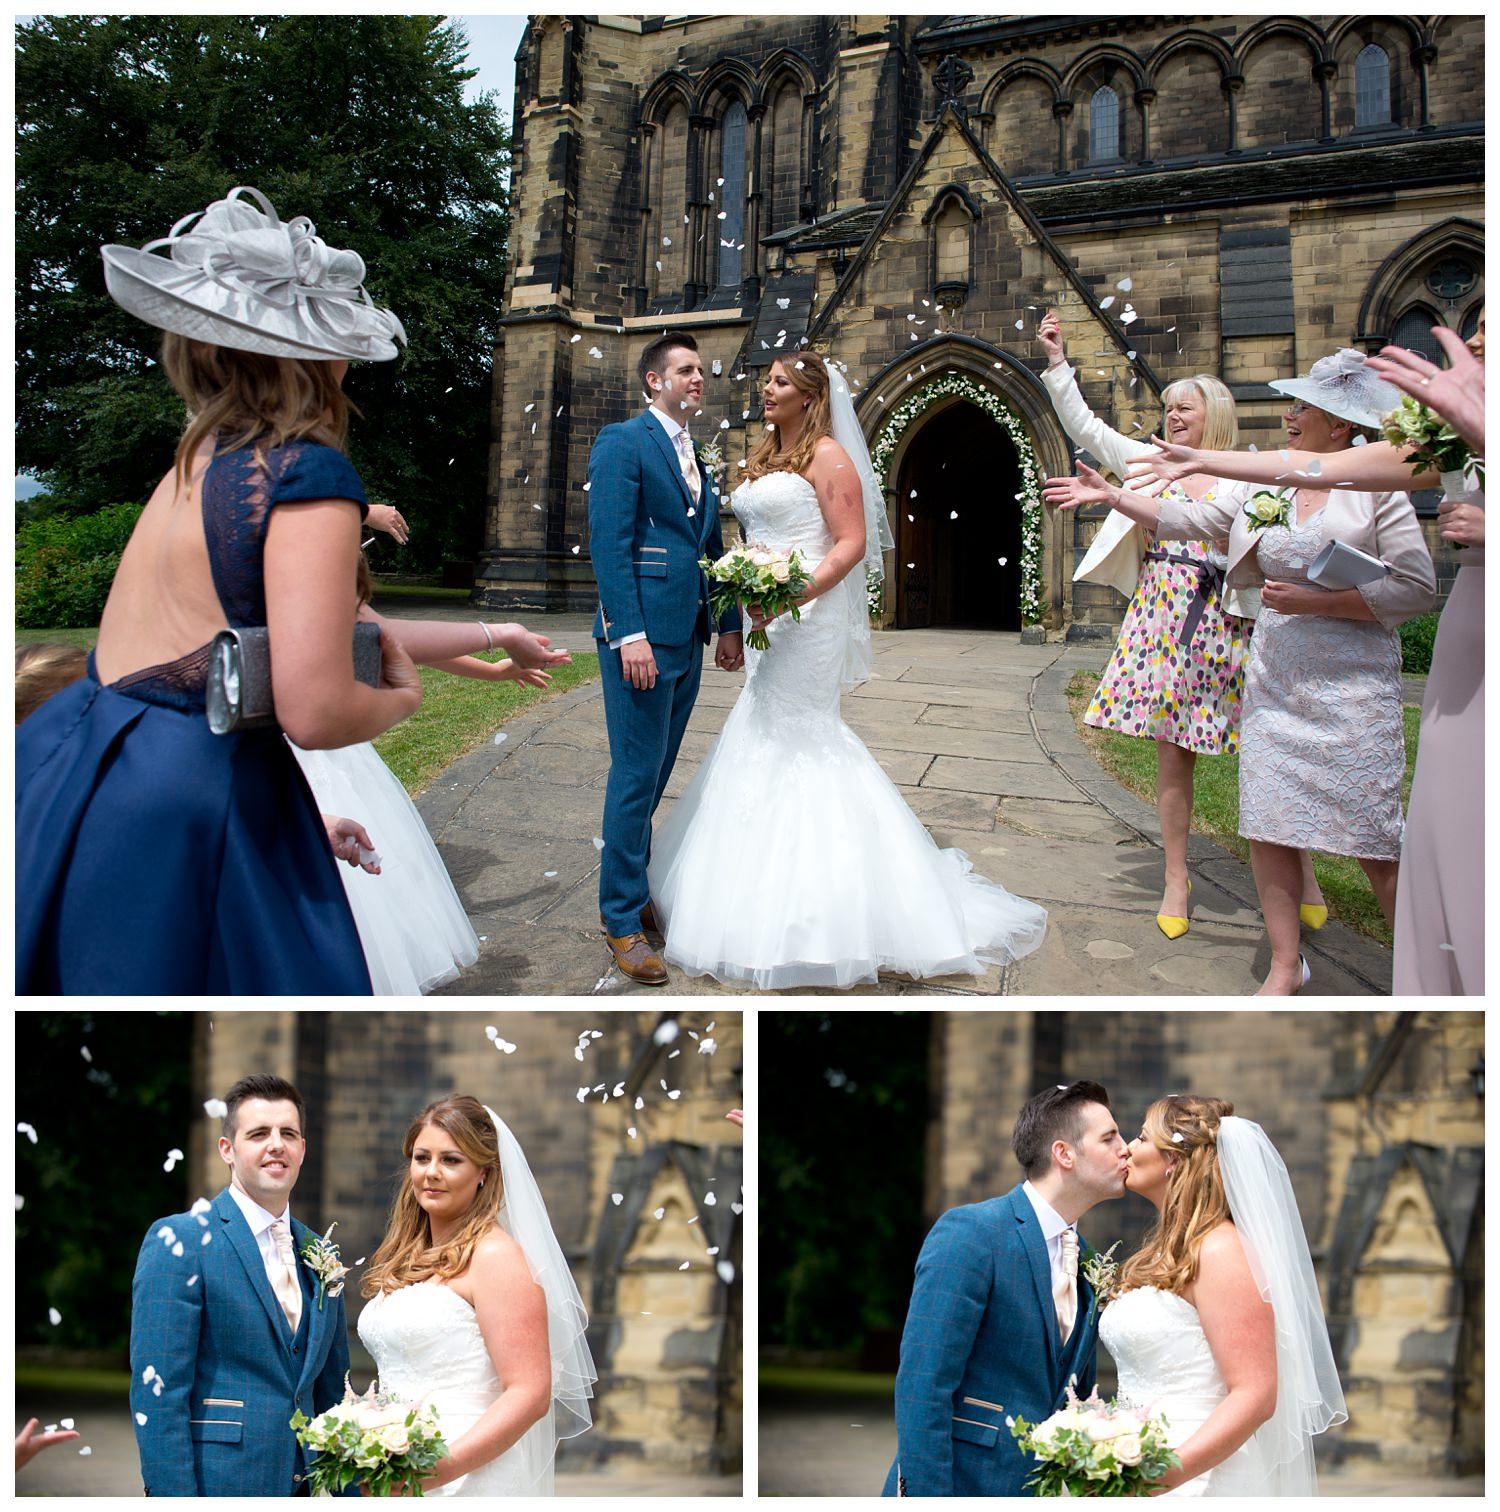 The-Woodman-Wedding-Photography_0035